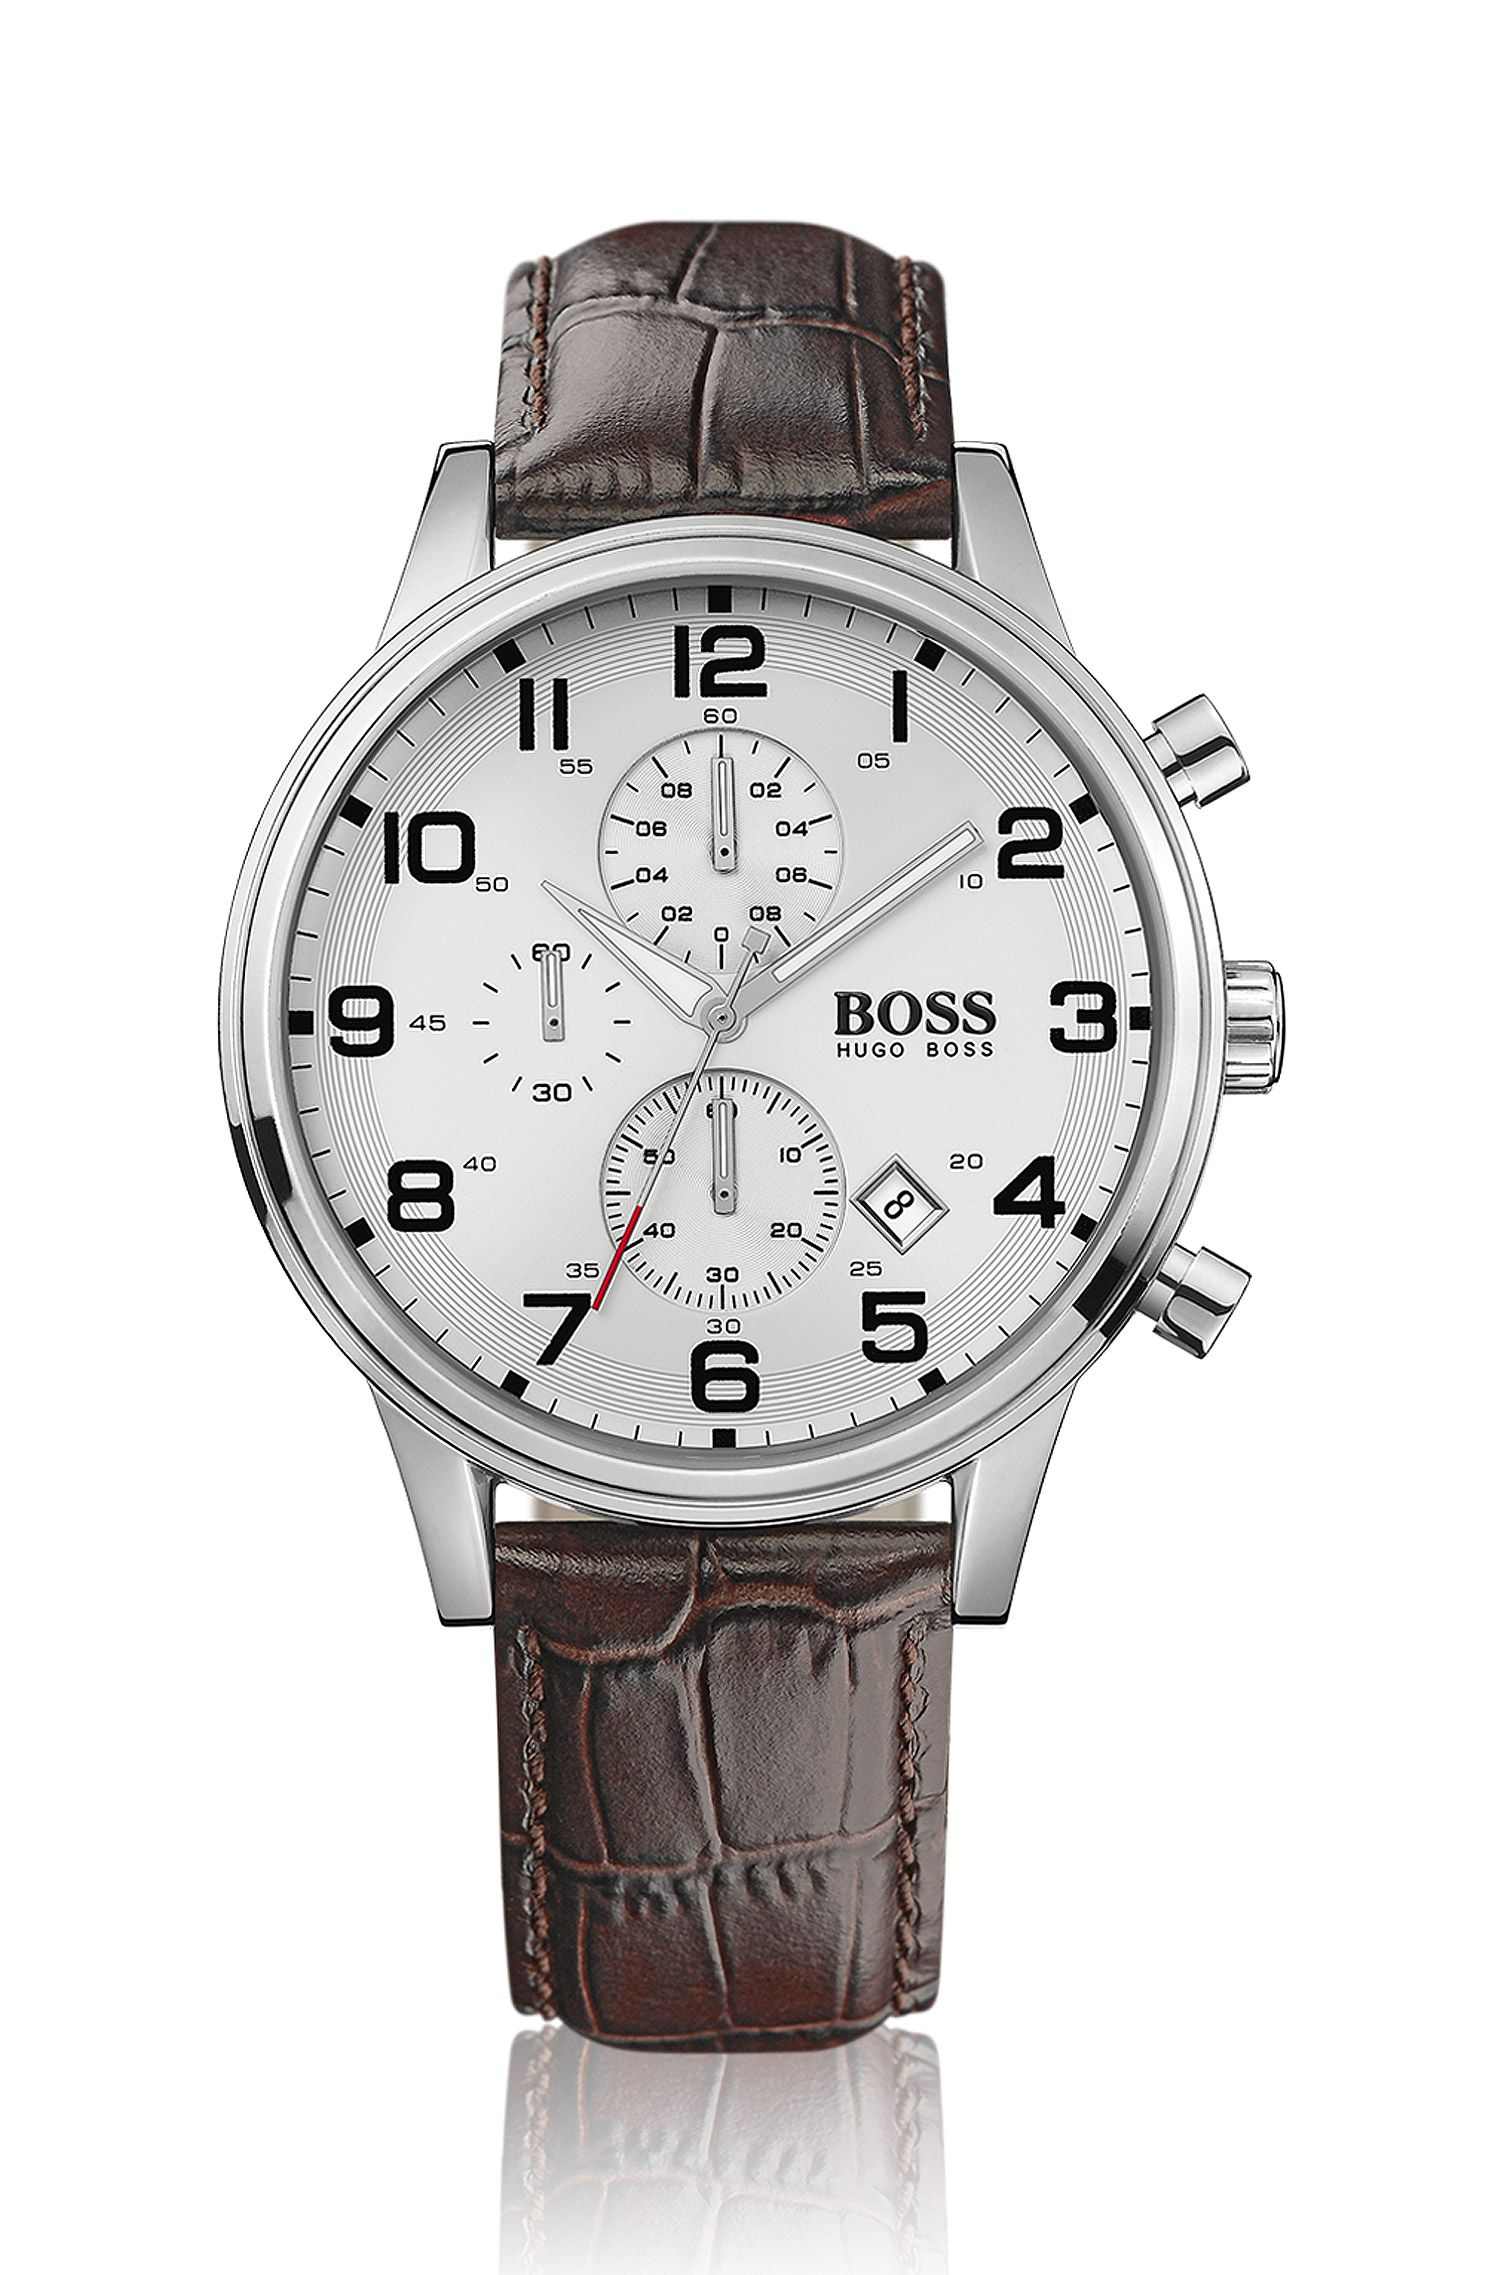 Montre chronographe flyback à deux sous-cadrans en acier inoxydable, à cadran argenté